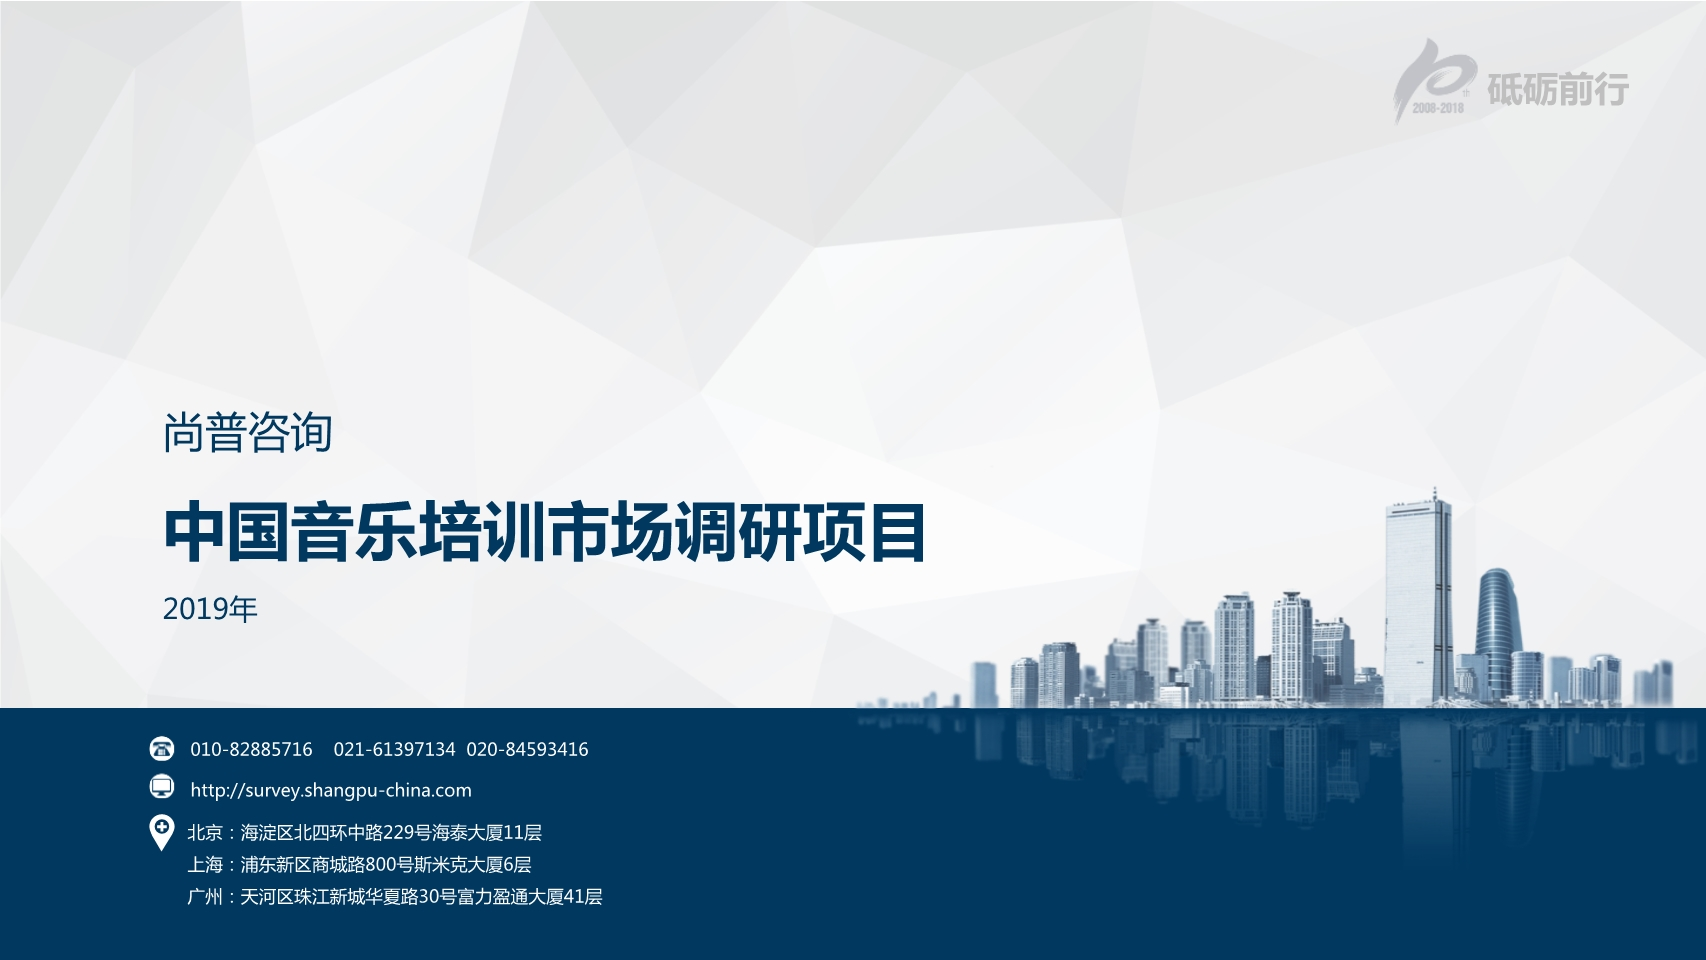 314中国音乐培训市场调研项目